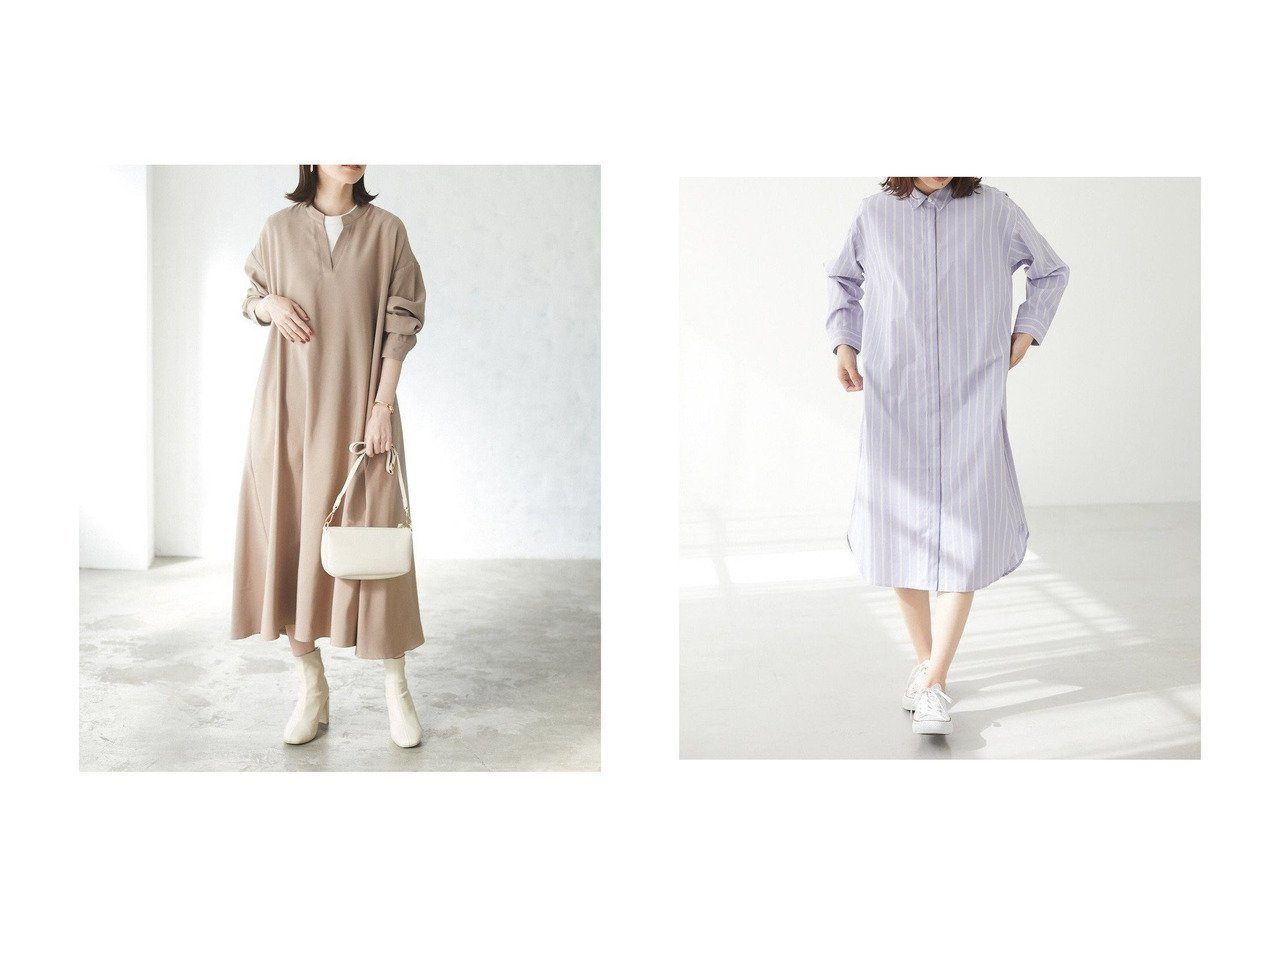 【Green Parks/グリーンパークス】の・novem 9 Aラインノーカラーシャツワンピース&ストライプシャツワンピース 【ワンピース・ドレス】おすすめ!人気、トレンド・レディースファッションの通販 おすすめで人気の流行・トレンド、ファッションの通販商品 メンズファッション・キッズファッション・インテリア・家具・レディースファッション・服の通販 founy(ファニー) https://founy.com/ ファッション Fashion レディースファッション WOMEN ワンピース Dress シャツワンピース Shirt Dresses 送料無料 Free Shipping スタイリッシュ ストライプ スリット ポケット ラウンド ランダム 再入荷 Restock/Back in Stock/Re Arrival インナー 春 Spring コンパクト シアー シューズ ショルダー スキッパー スニーカー 財布 ハイネック フェミニン フラット ボストン 防寒 リブニット レース 冬 Winter 2021年 2021  ID:crp329100000029355